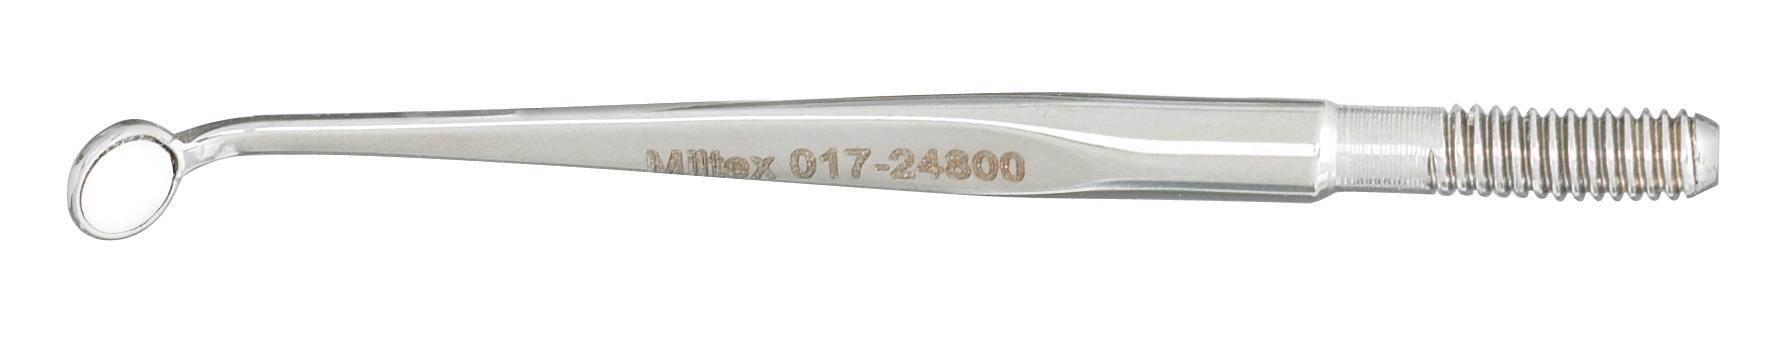 micro-mir-3mm-oval-cs-fs-017-24800-miltex.jpg